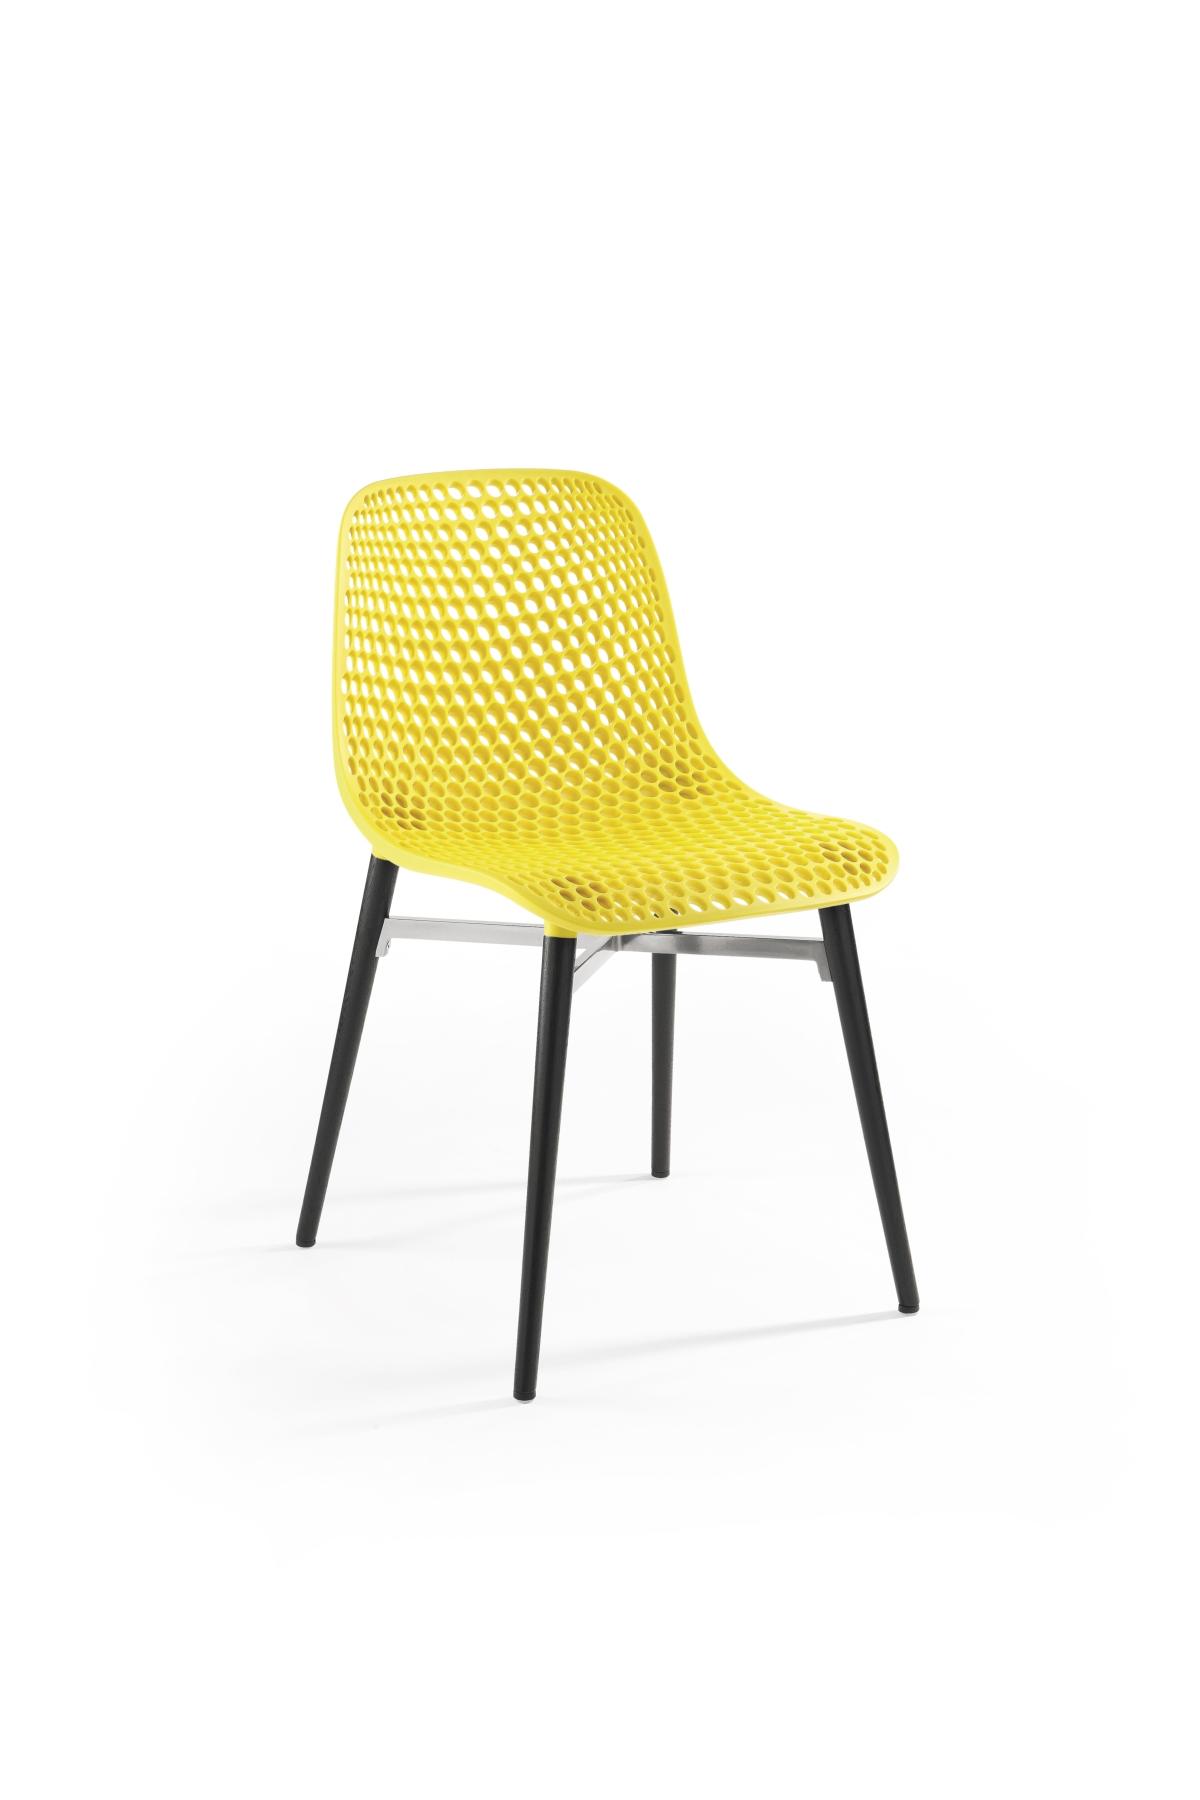 次に椅子、インフィニティデザイン